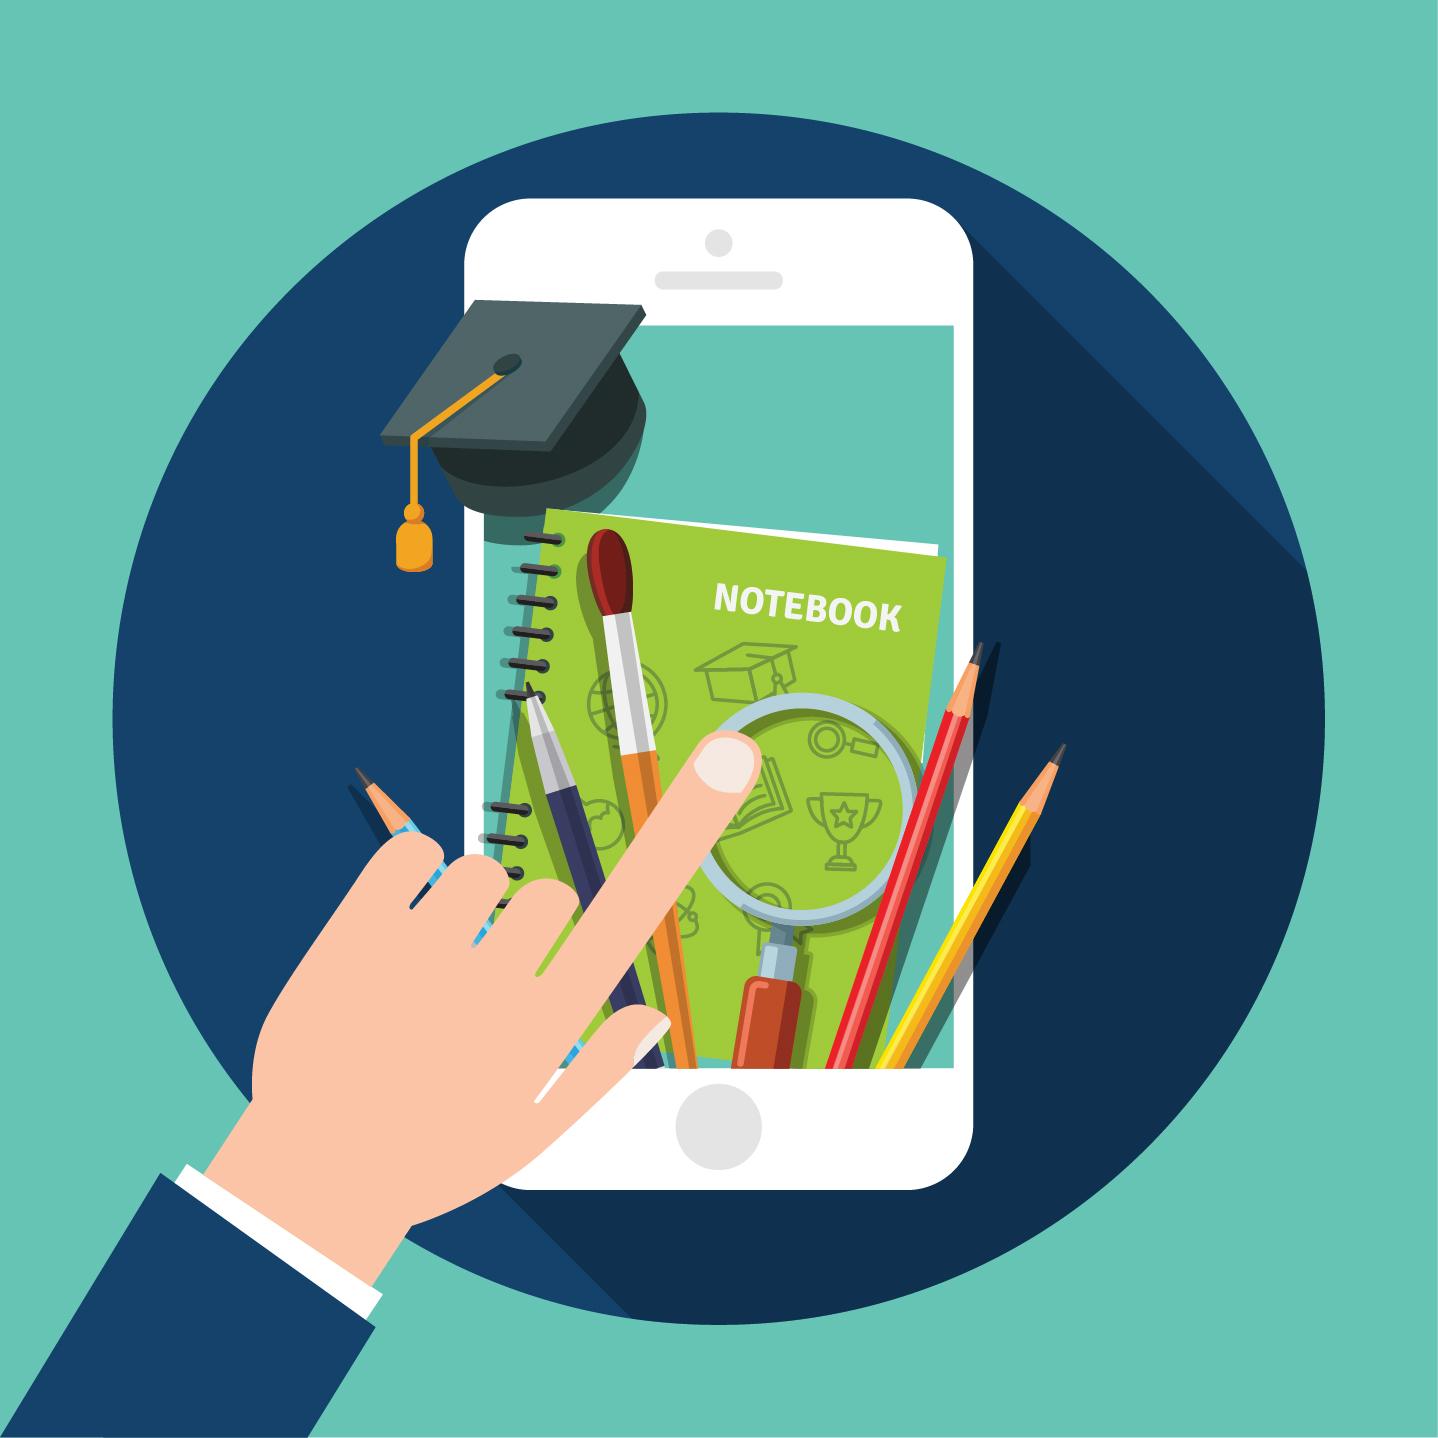 تطبيقات الجوال التعليمية الأكثر انتشارا 2018